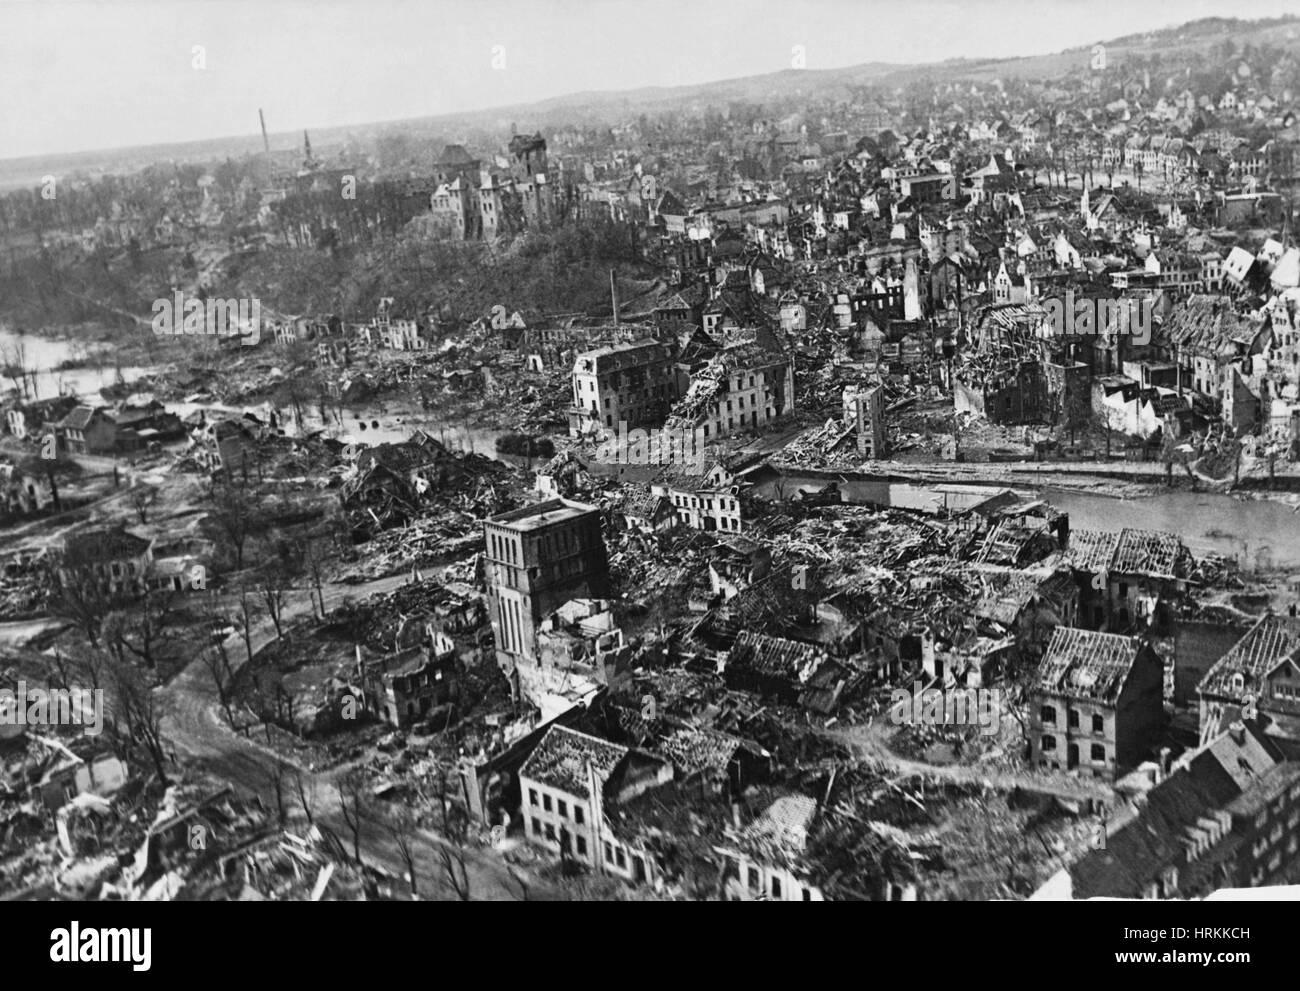 Germany, World War II - Stock Image